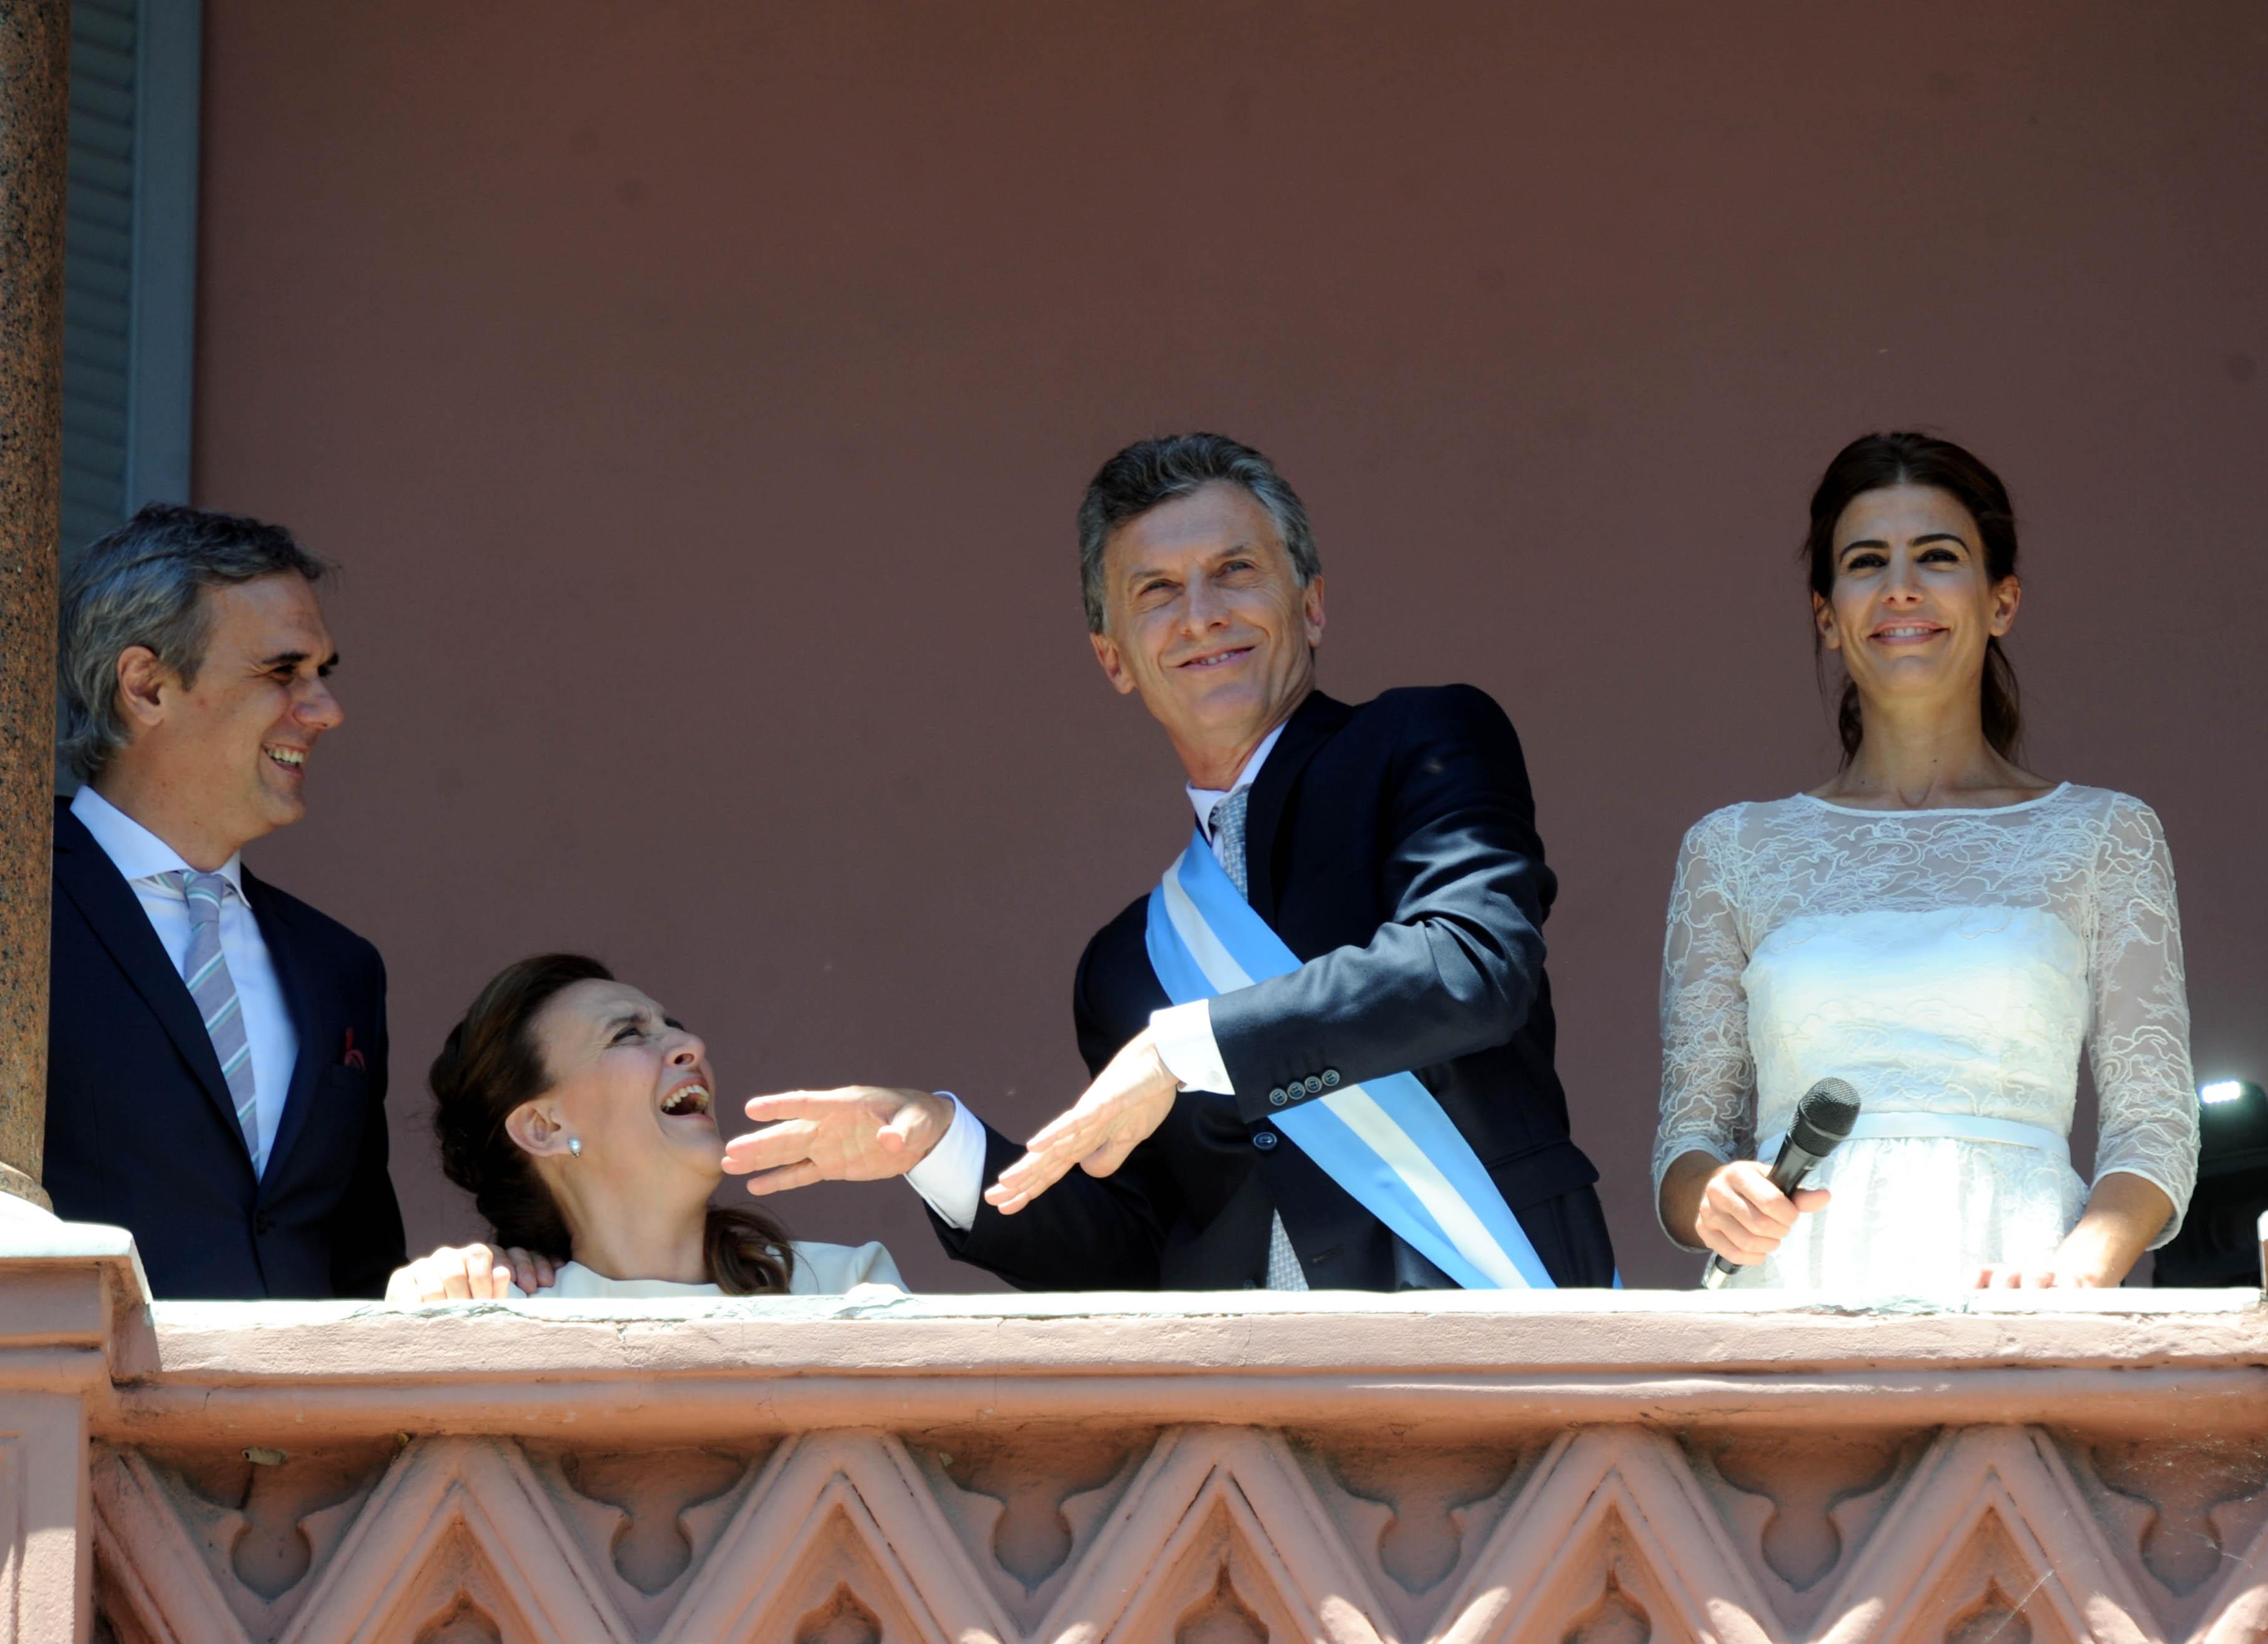 """En el balcón en el que Perón y Alfonsín le hablaron a multitudes, Macri bailó torpemente y retomó la mística payasa que logró arrebatarle al De Narváez de """"alika alikate"""". (Télam)"""